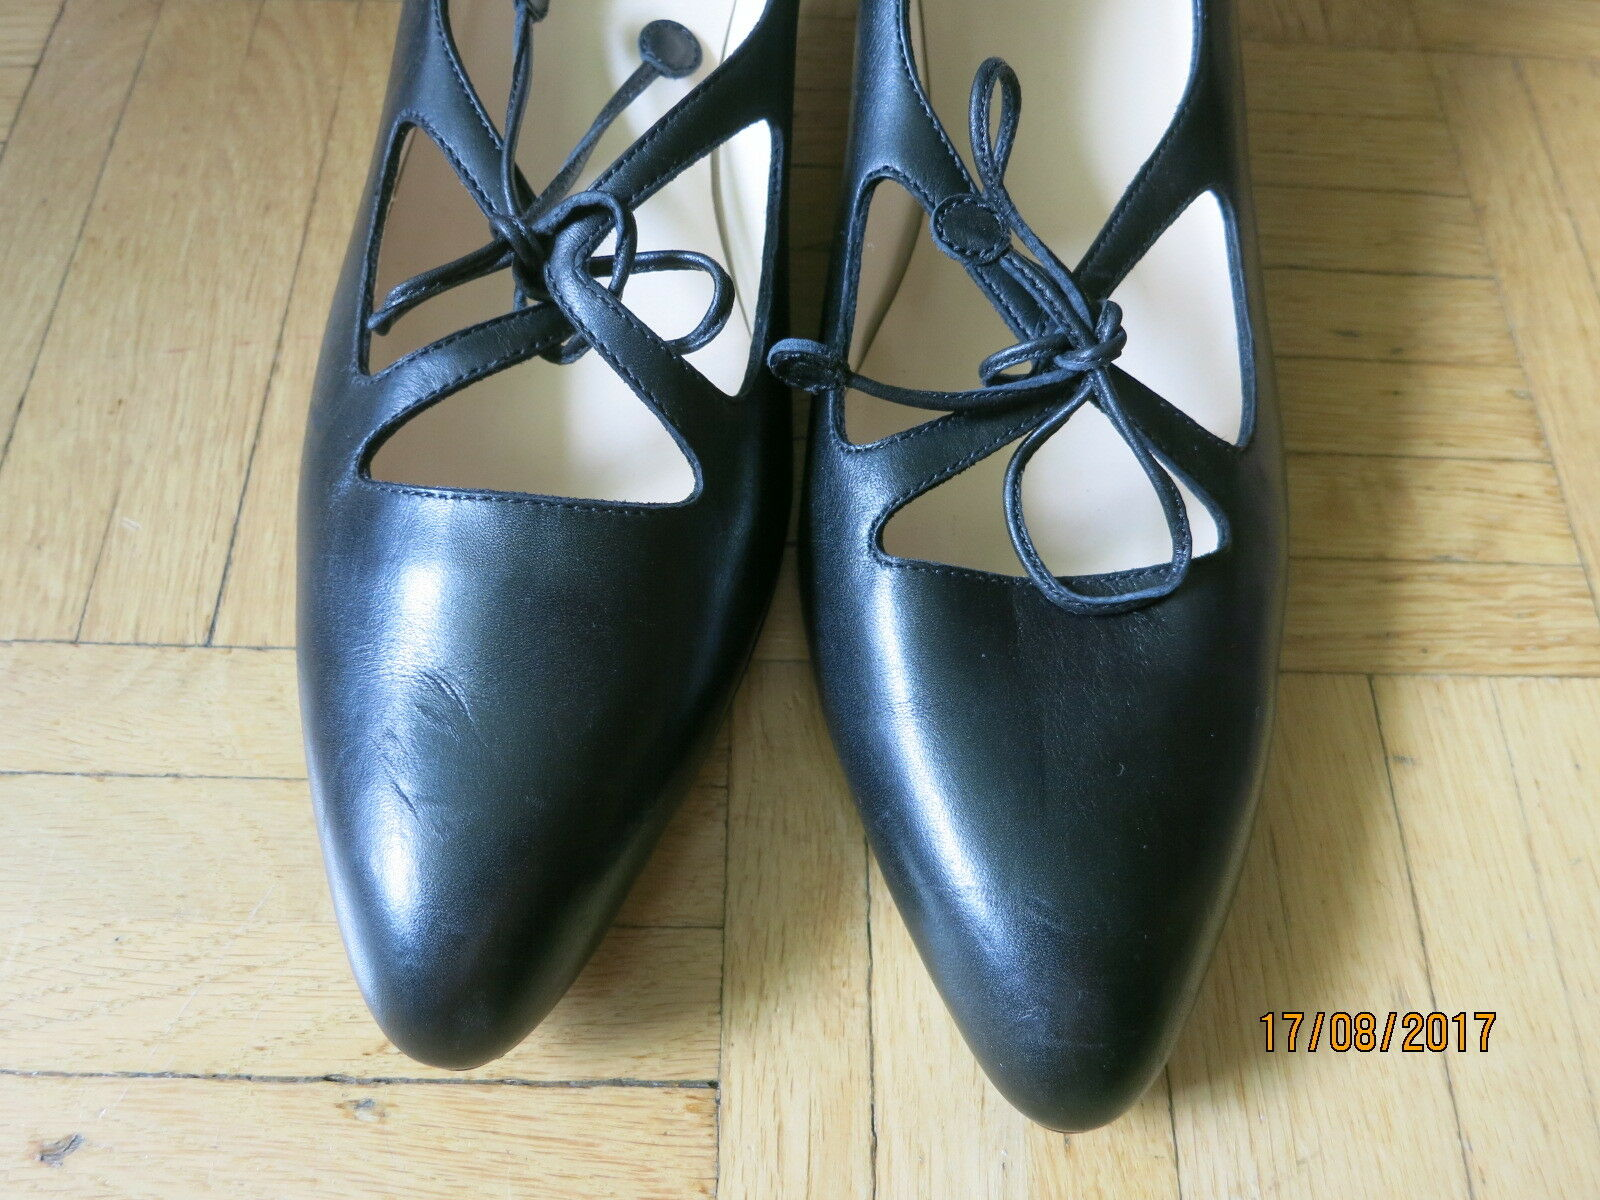 SELVE Handmade Gr. Loafers, Mokassins Halbschuhe Schwarz Gr. Handmade 38,5 Echtleder NEU eb02b8